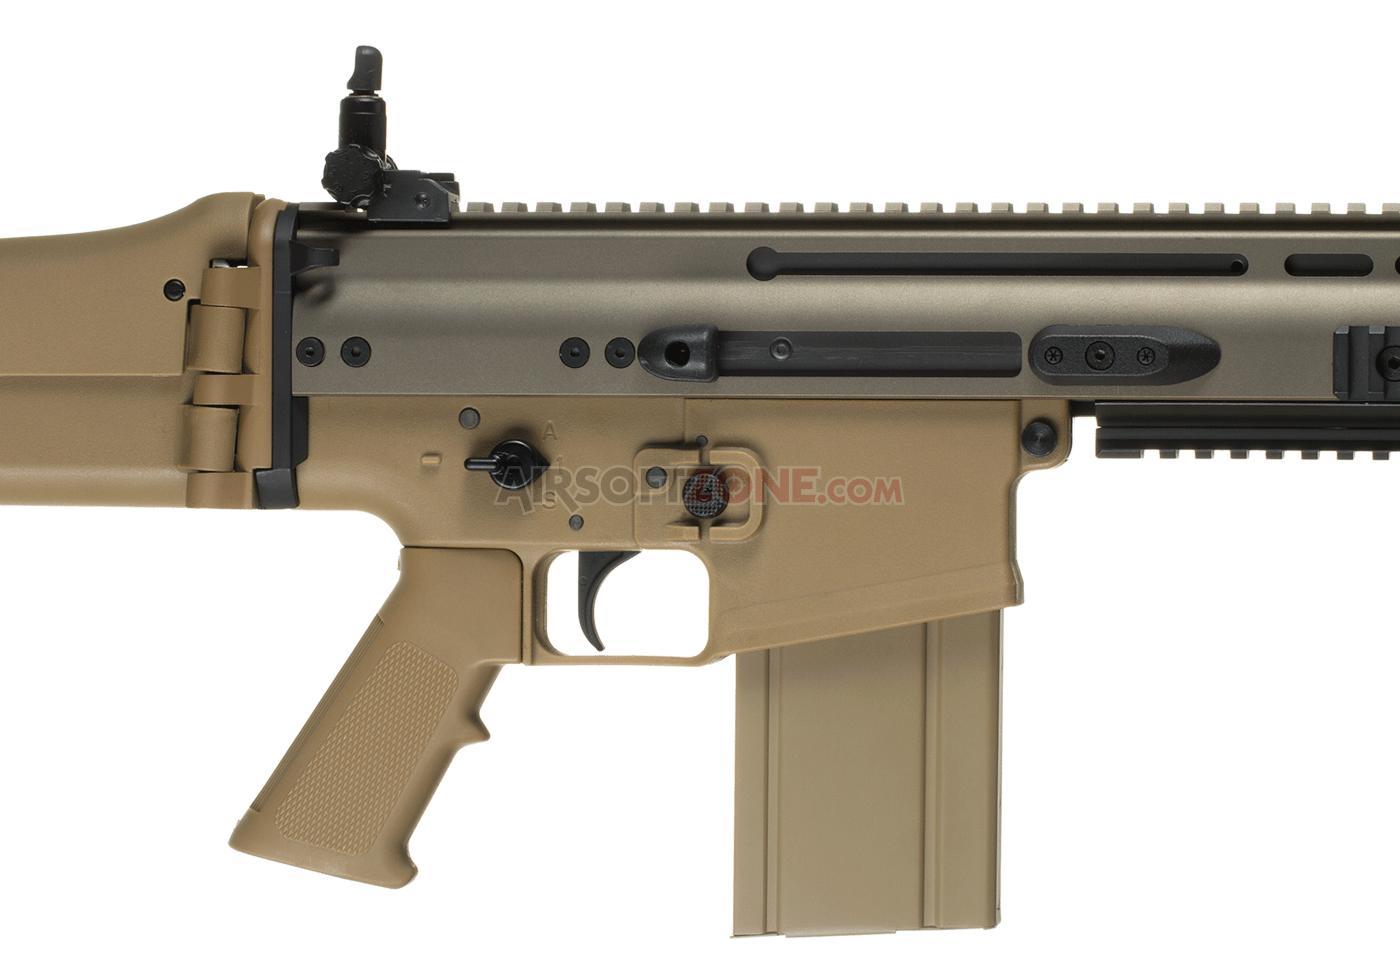 SCAR-H Mk17 EFCS